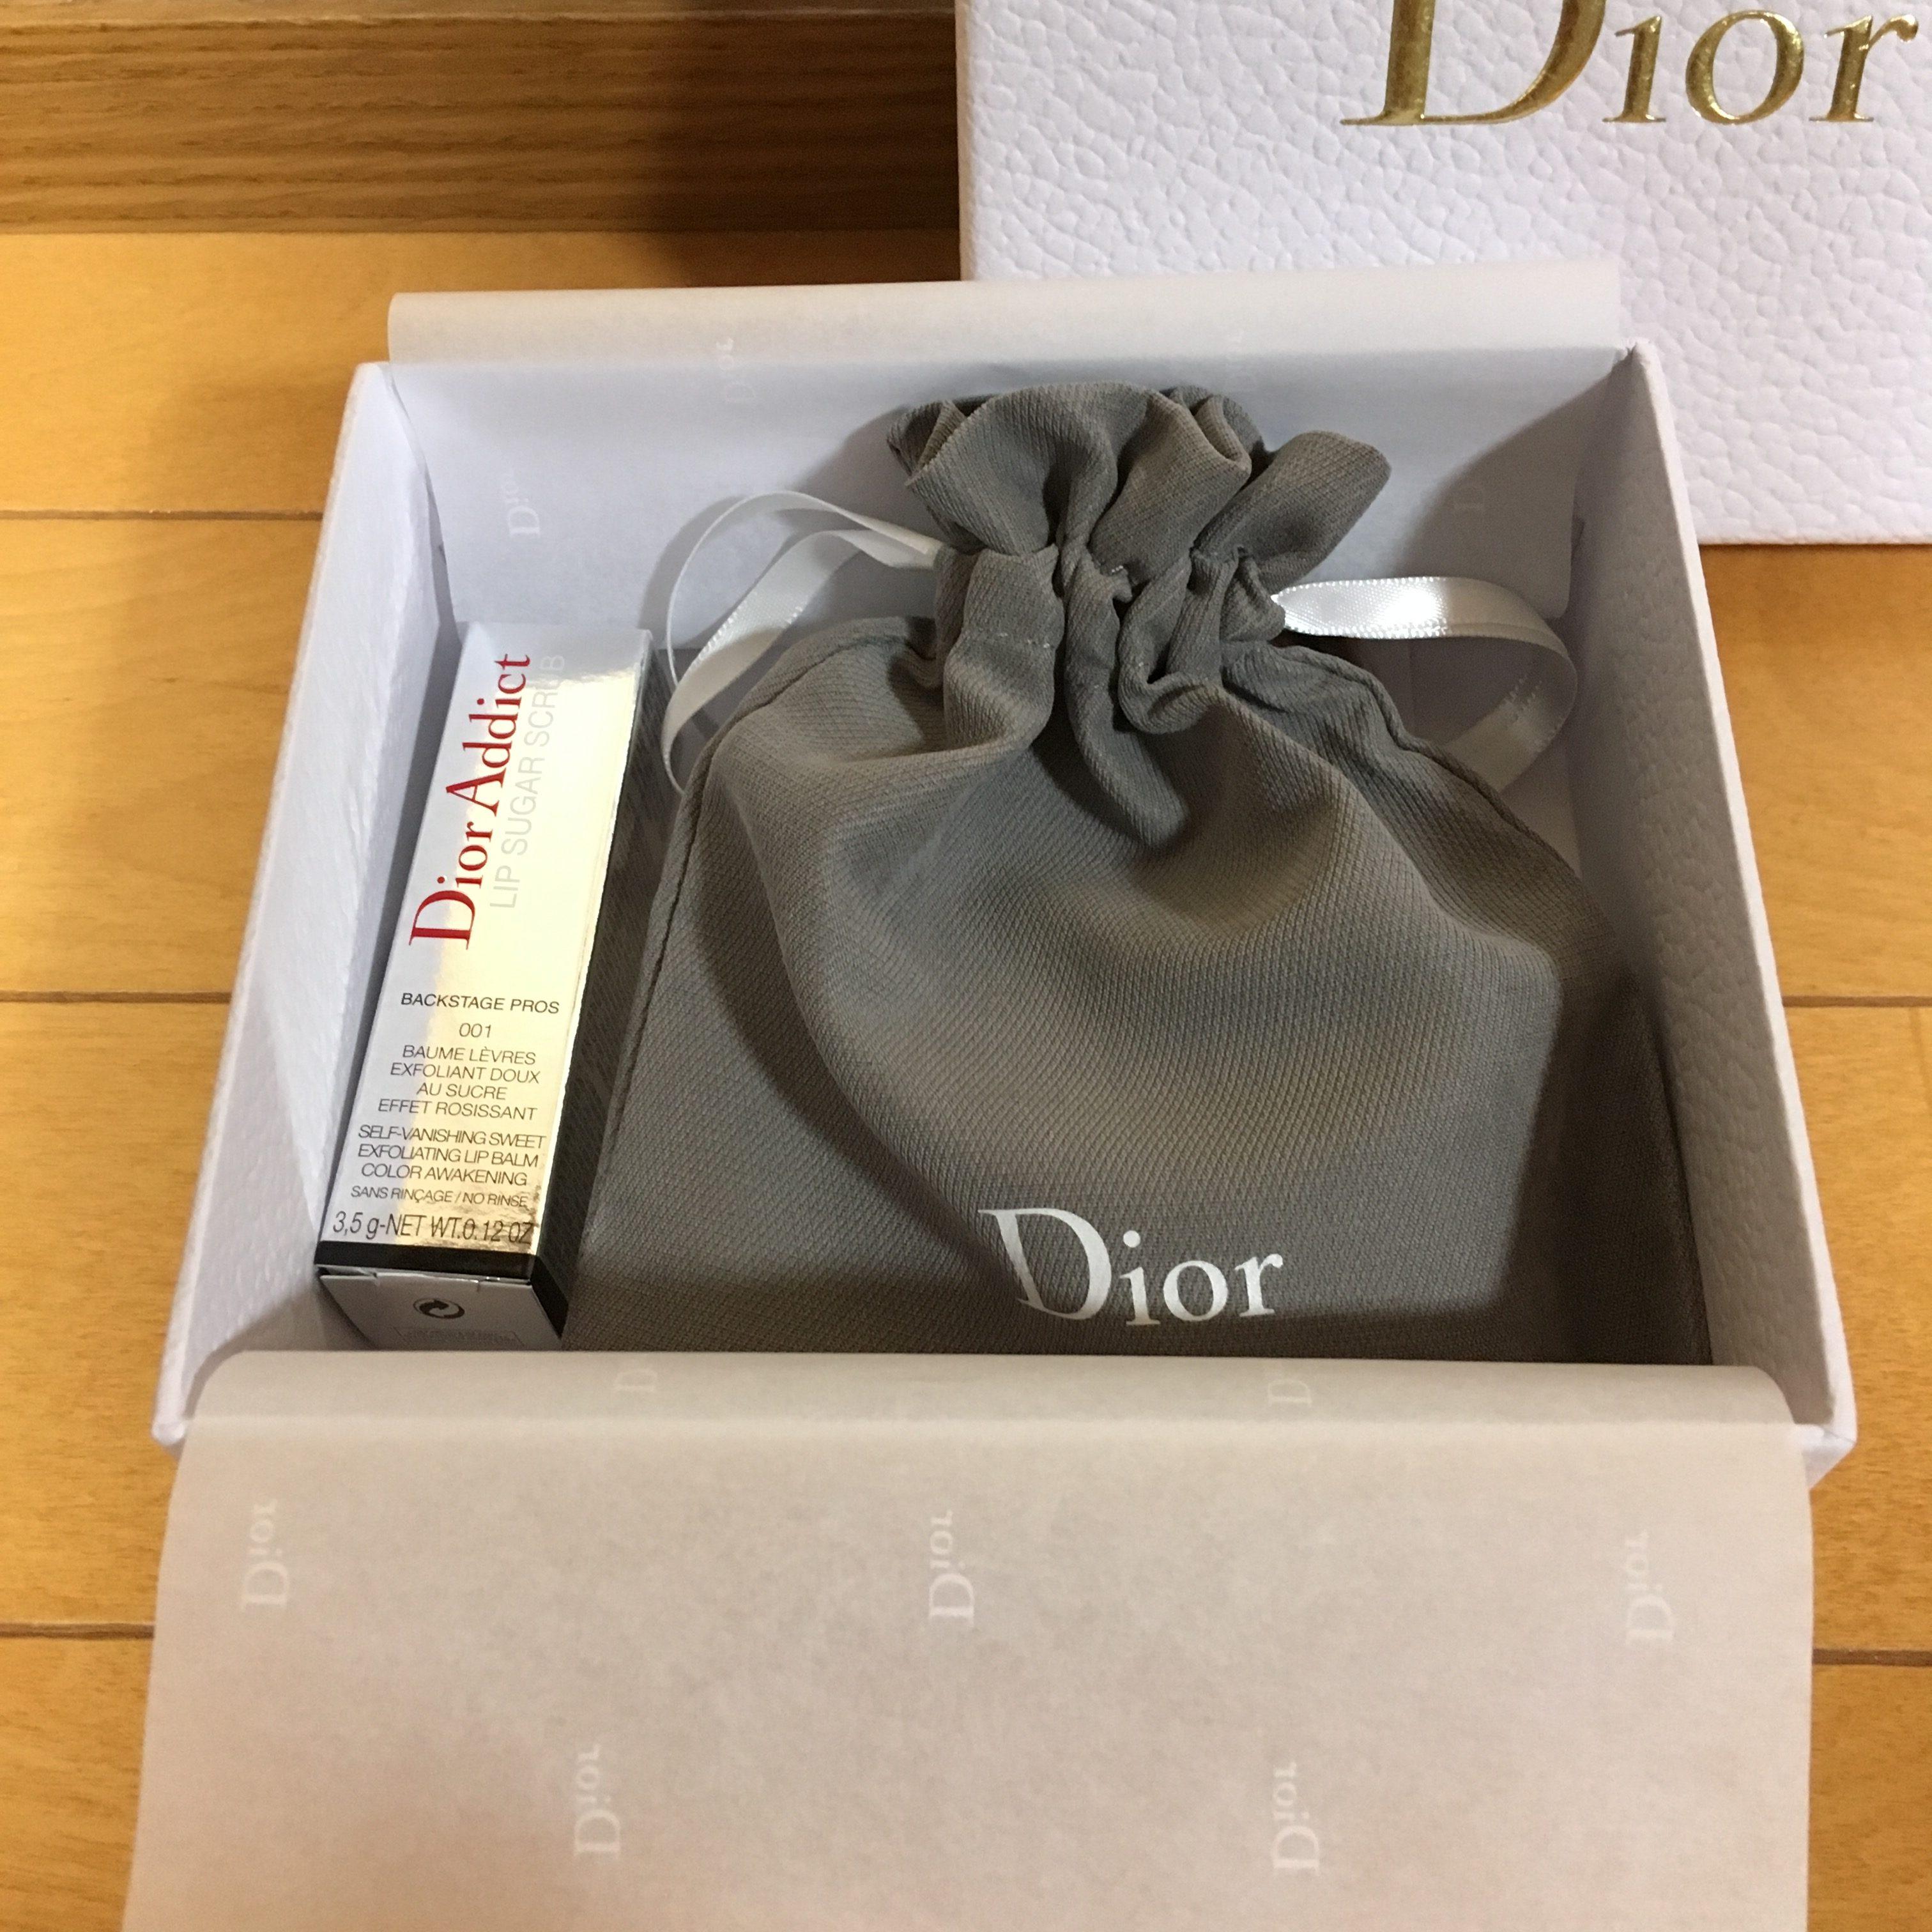 Dior ディオール オンラインブティック ギフト サンプル